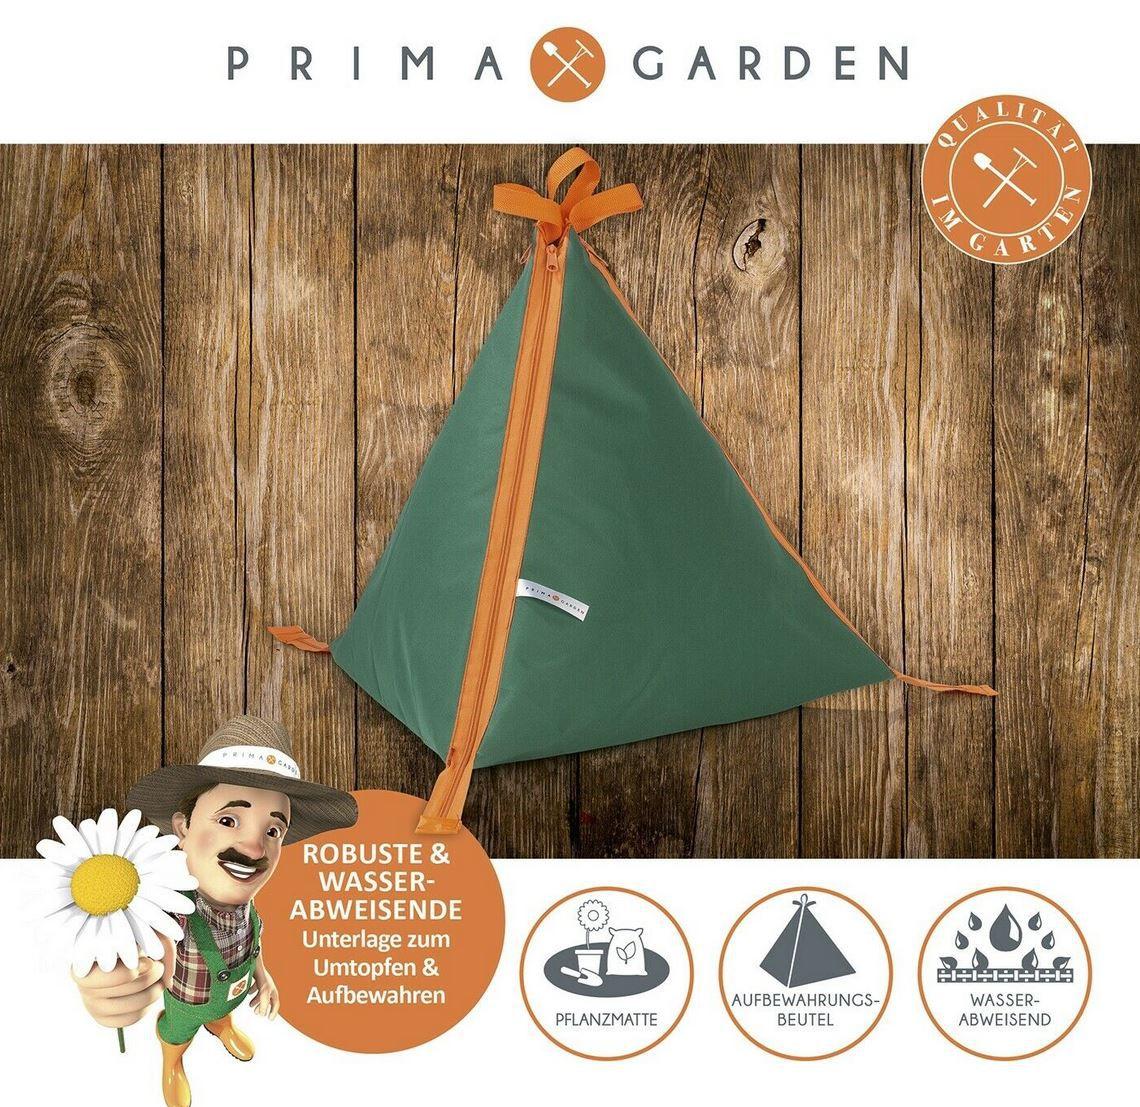 PRIMA GARDEN Pflanzunterlage und Utensilienbeutel für 14,90€ (statt 24€)